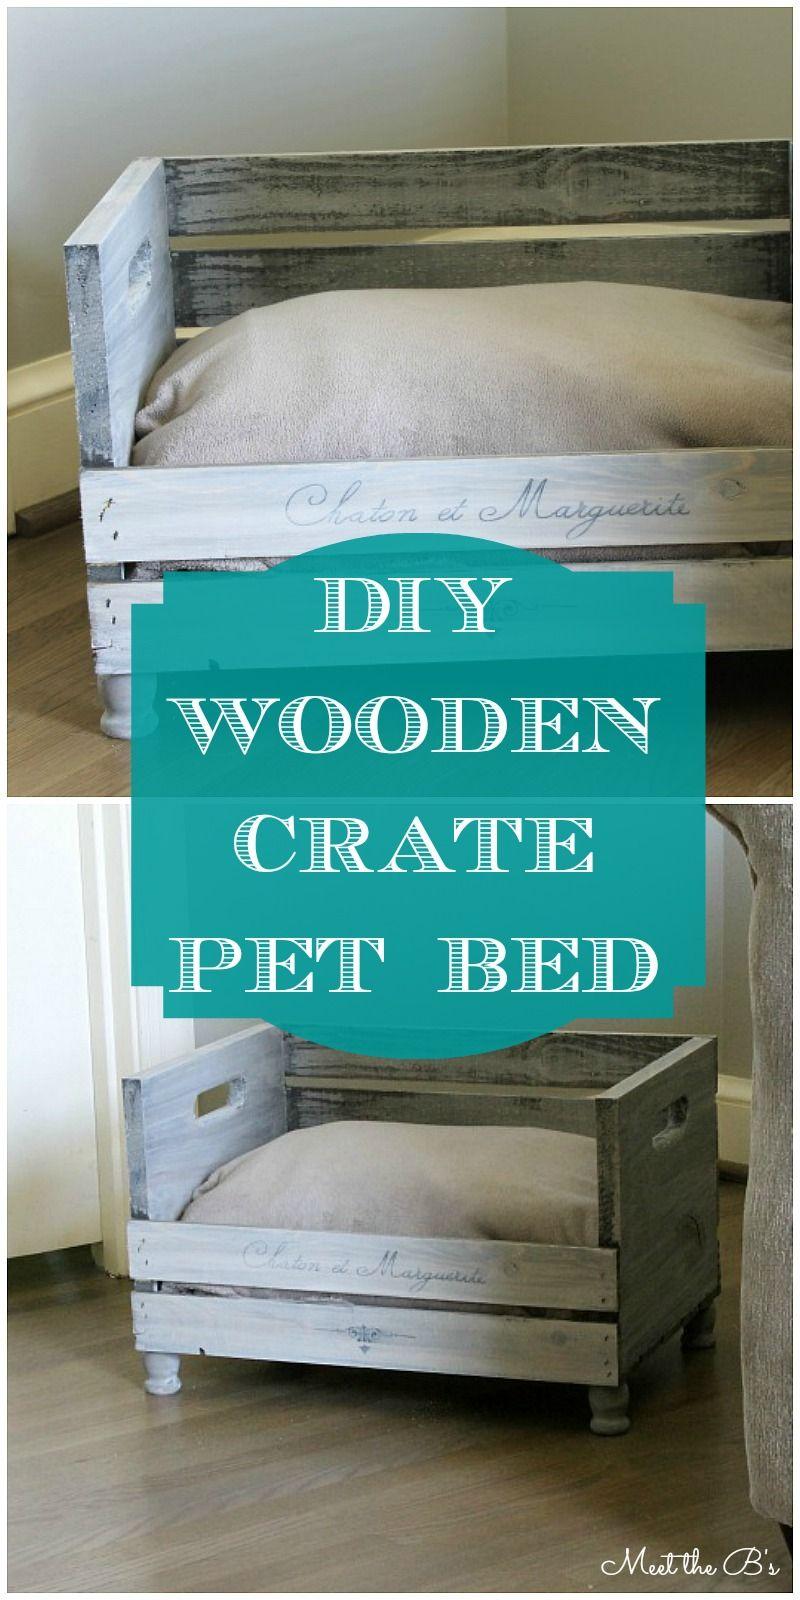 The Great Crate Challenge Diy Wooden Pet Bed Meet B S